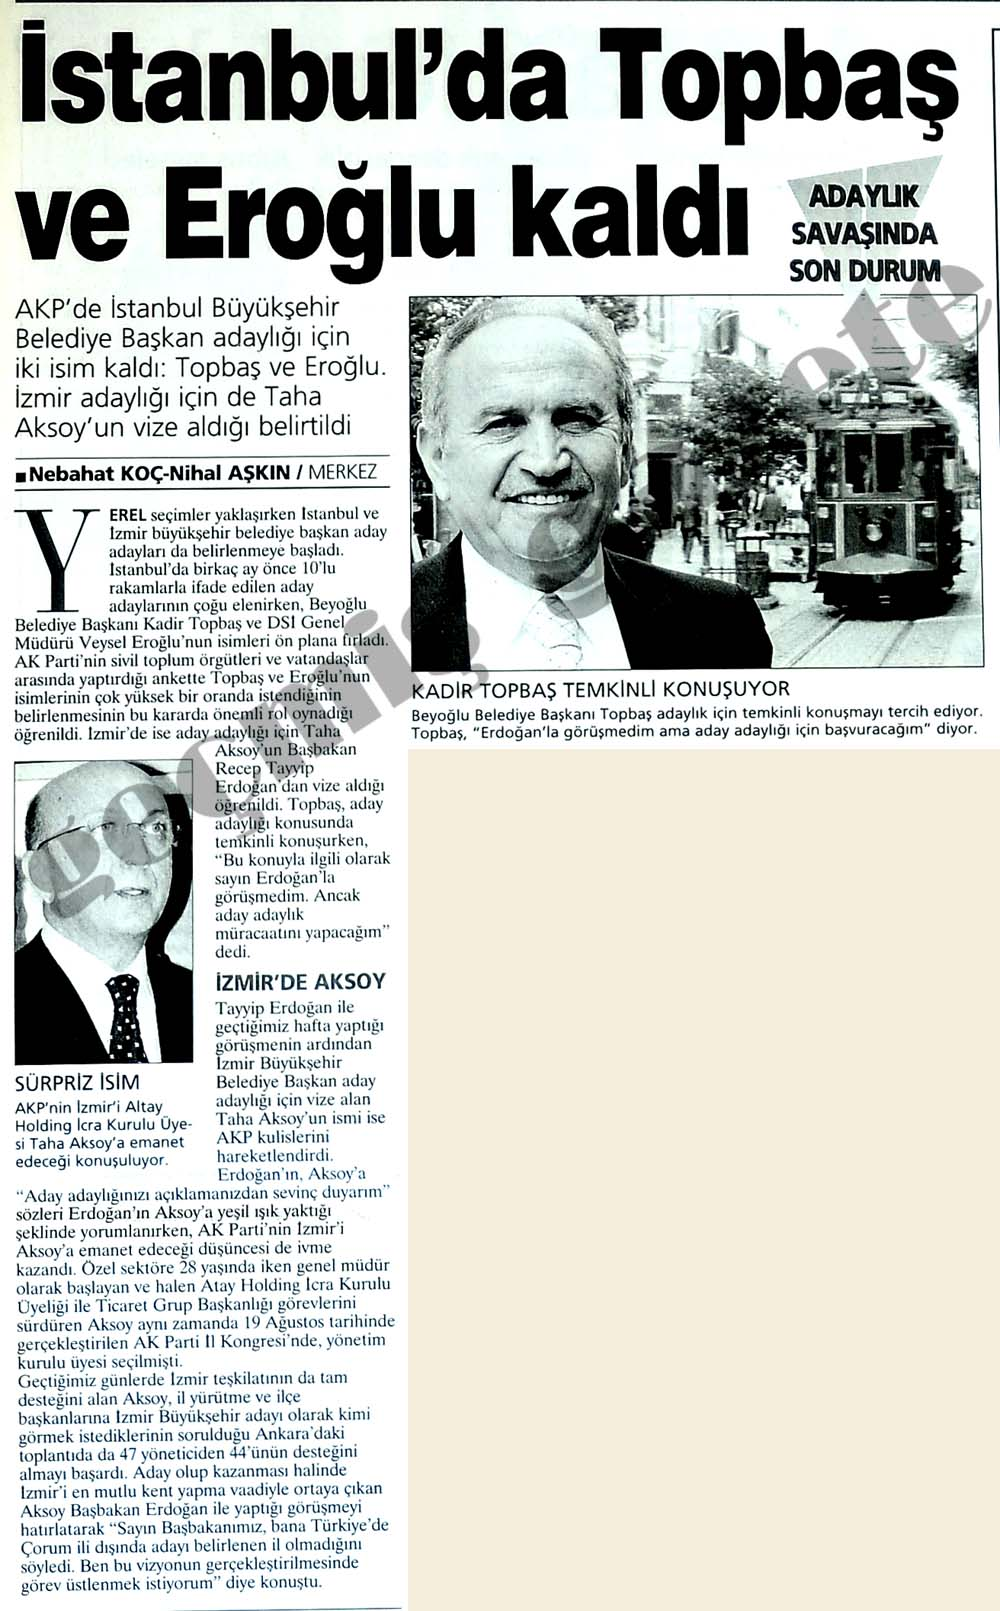 İstanbul'da Topbaş ve Eroğlu kaldı